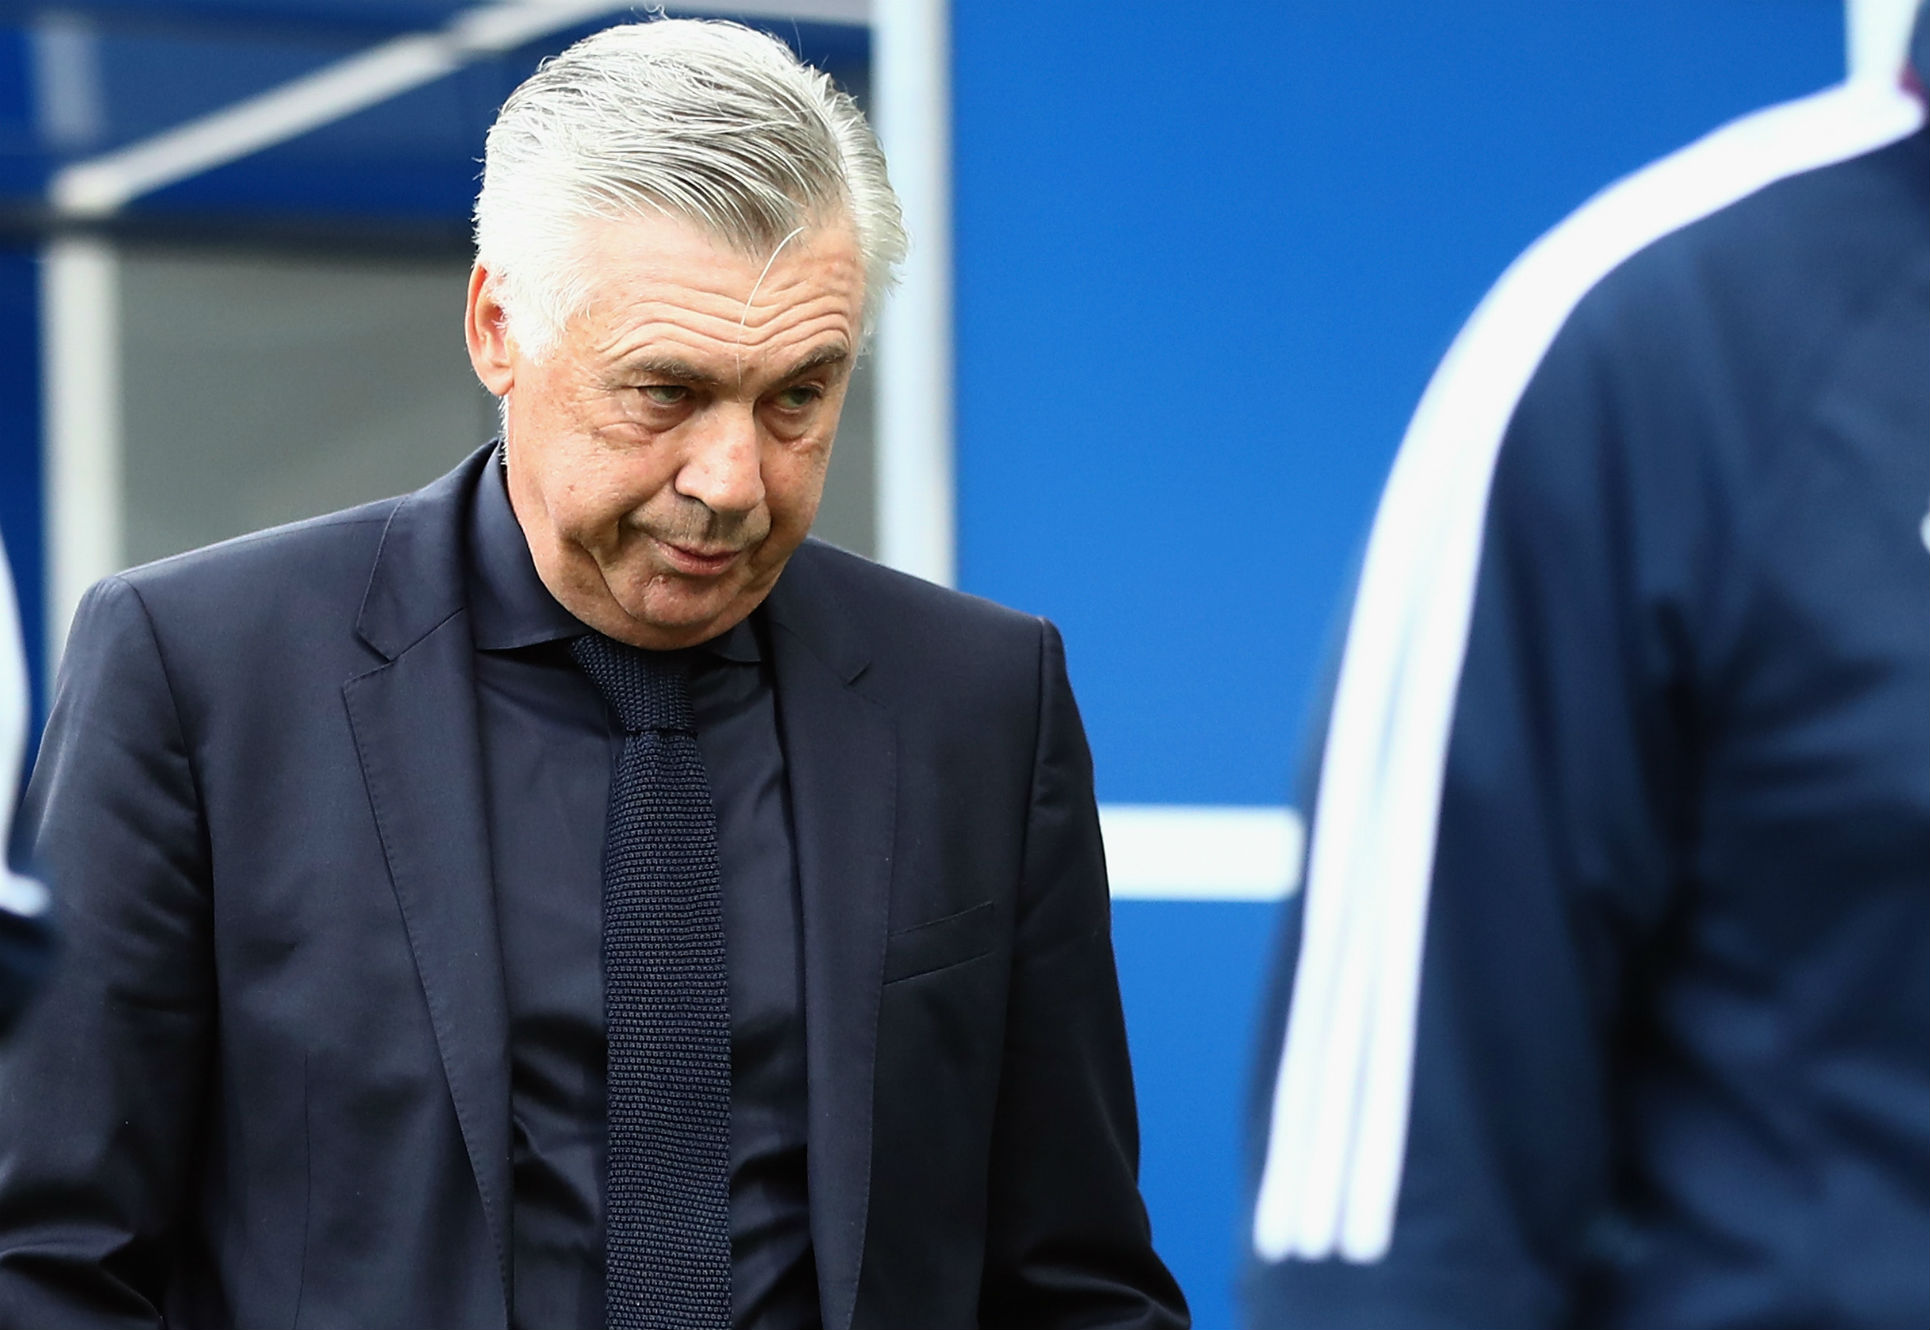 Carlo Ancelotti Bayern